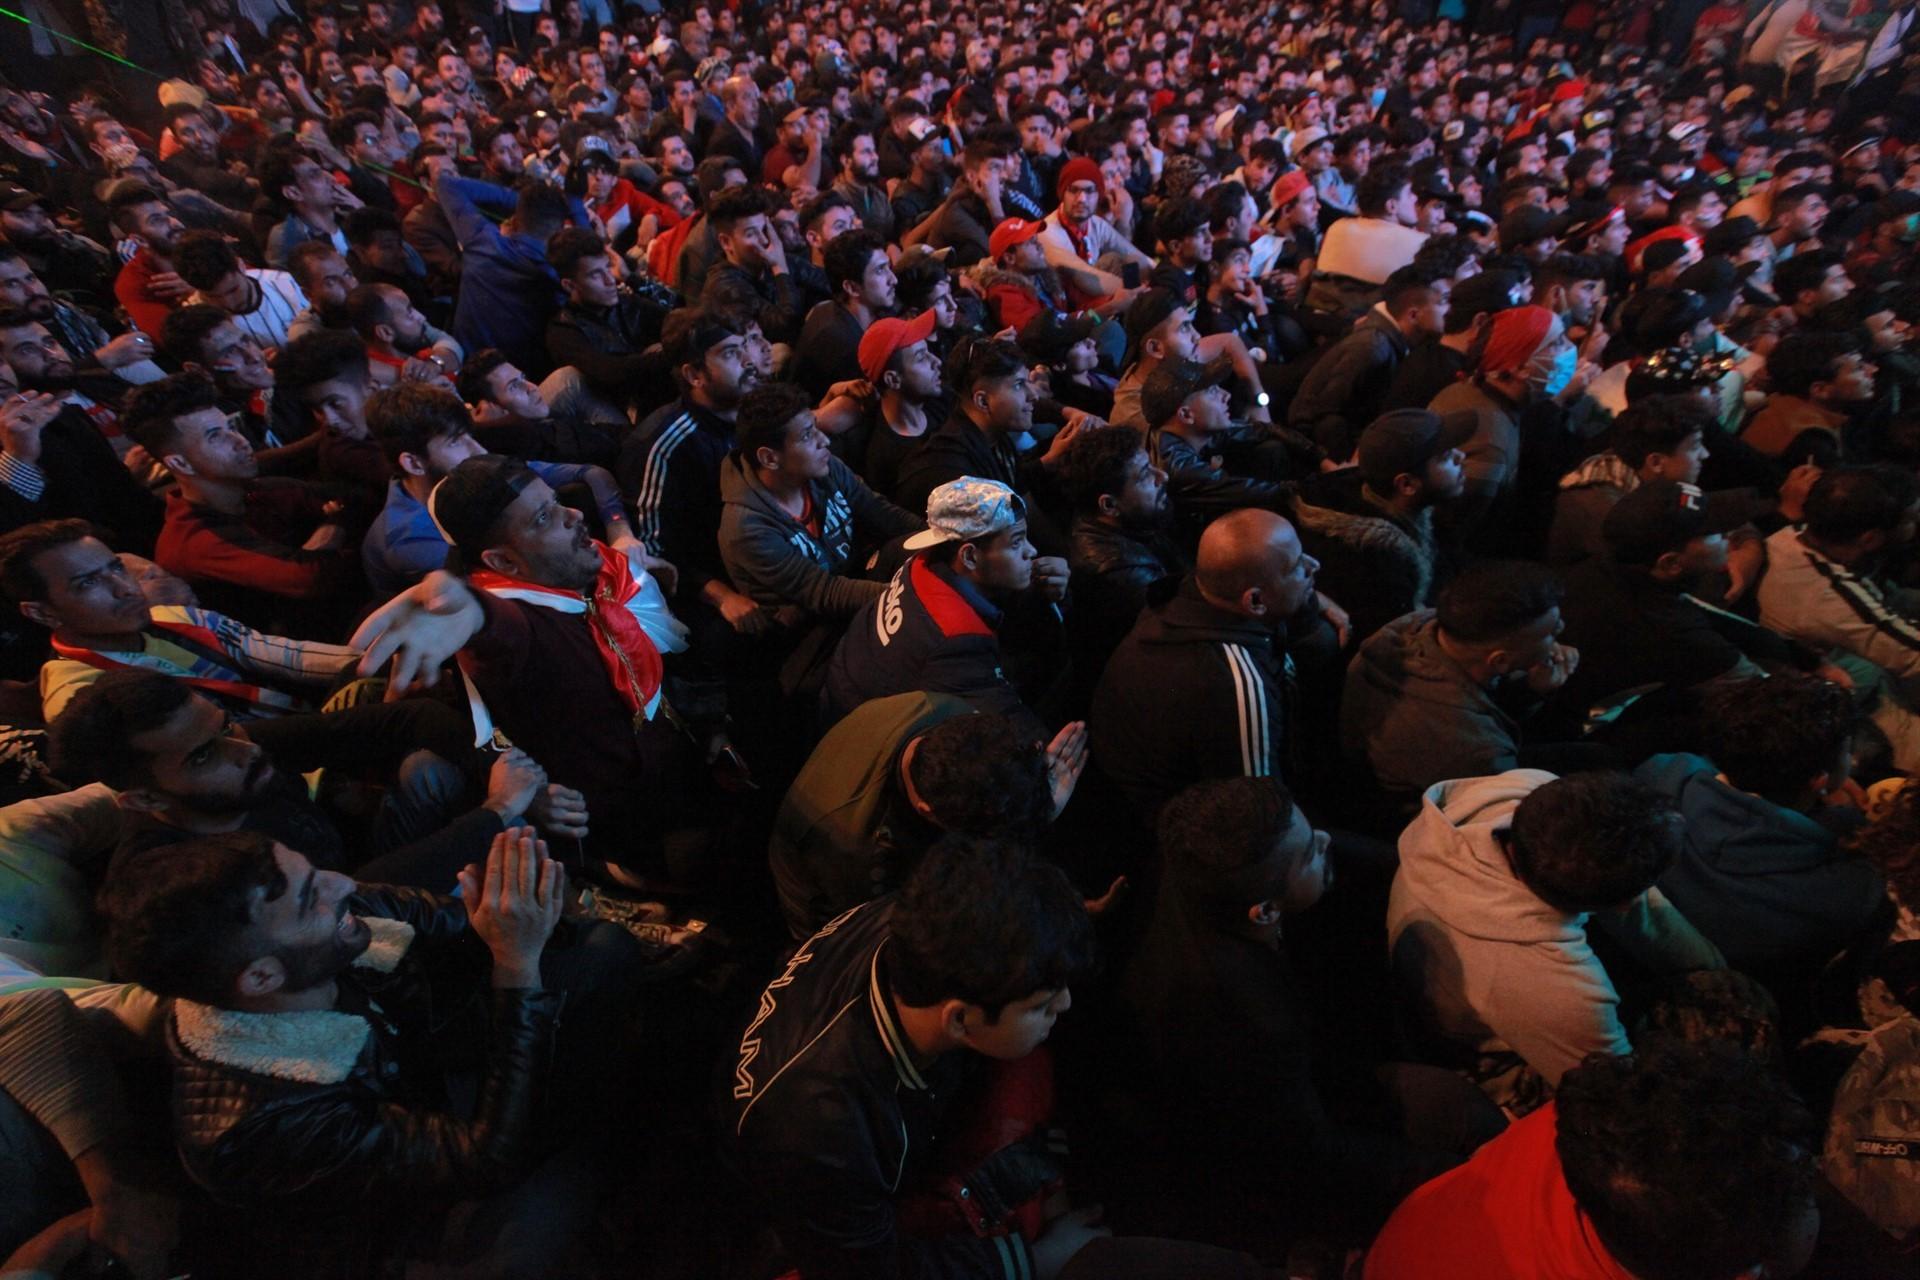 Bağdat'ta halk bekleyişini sürdürüyor